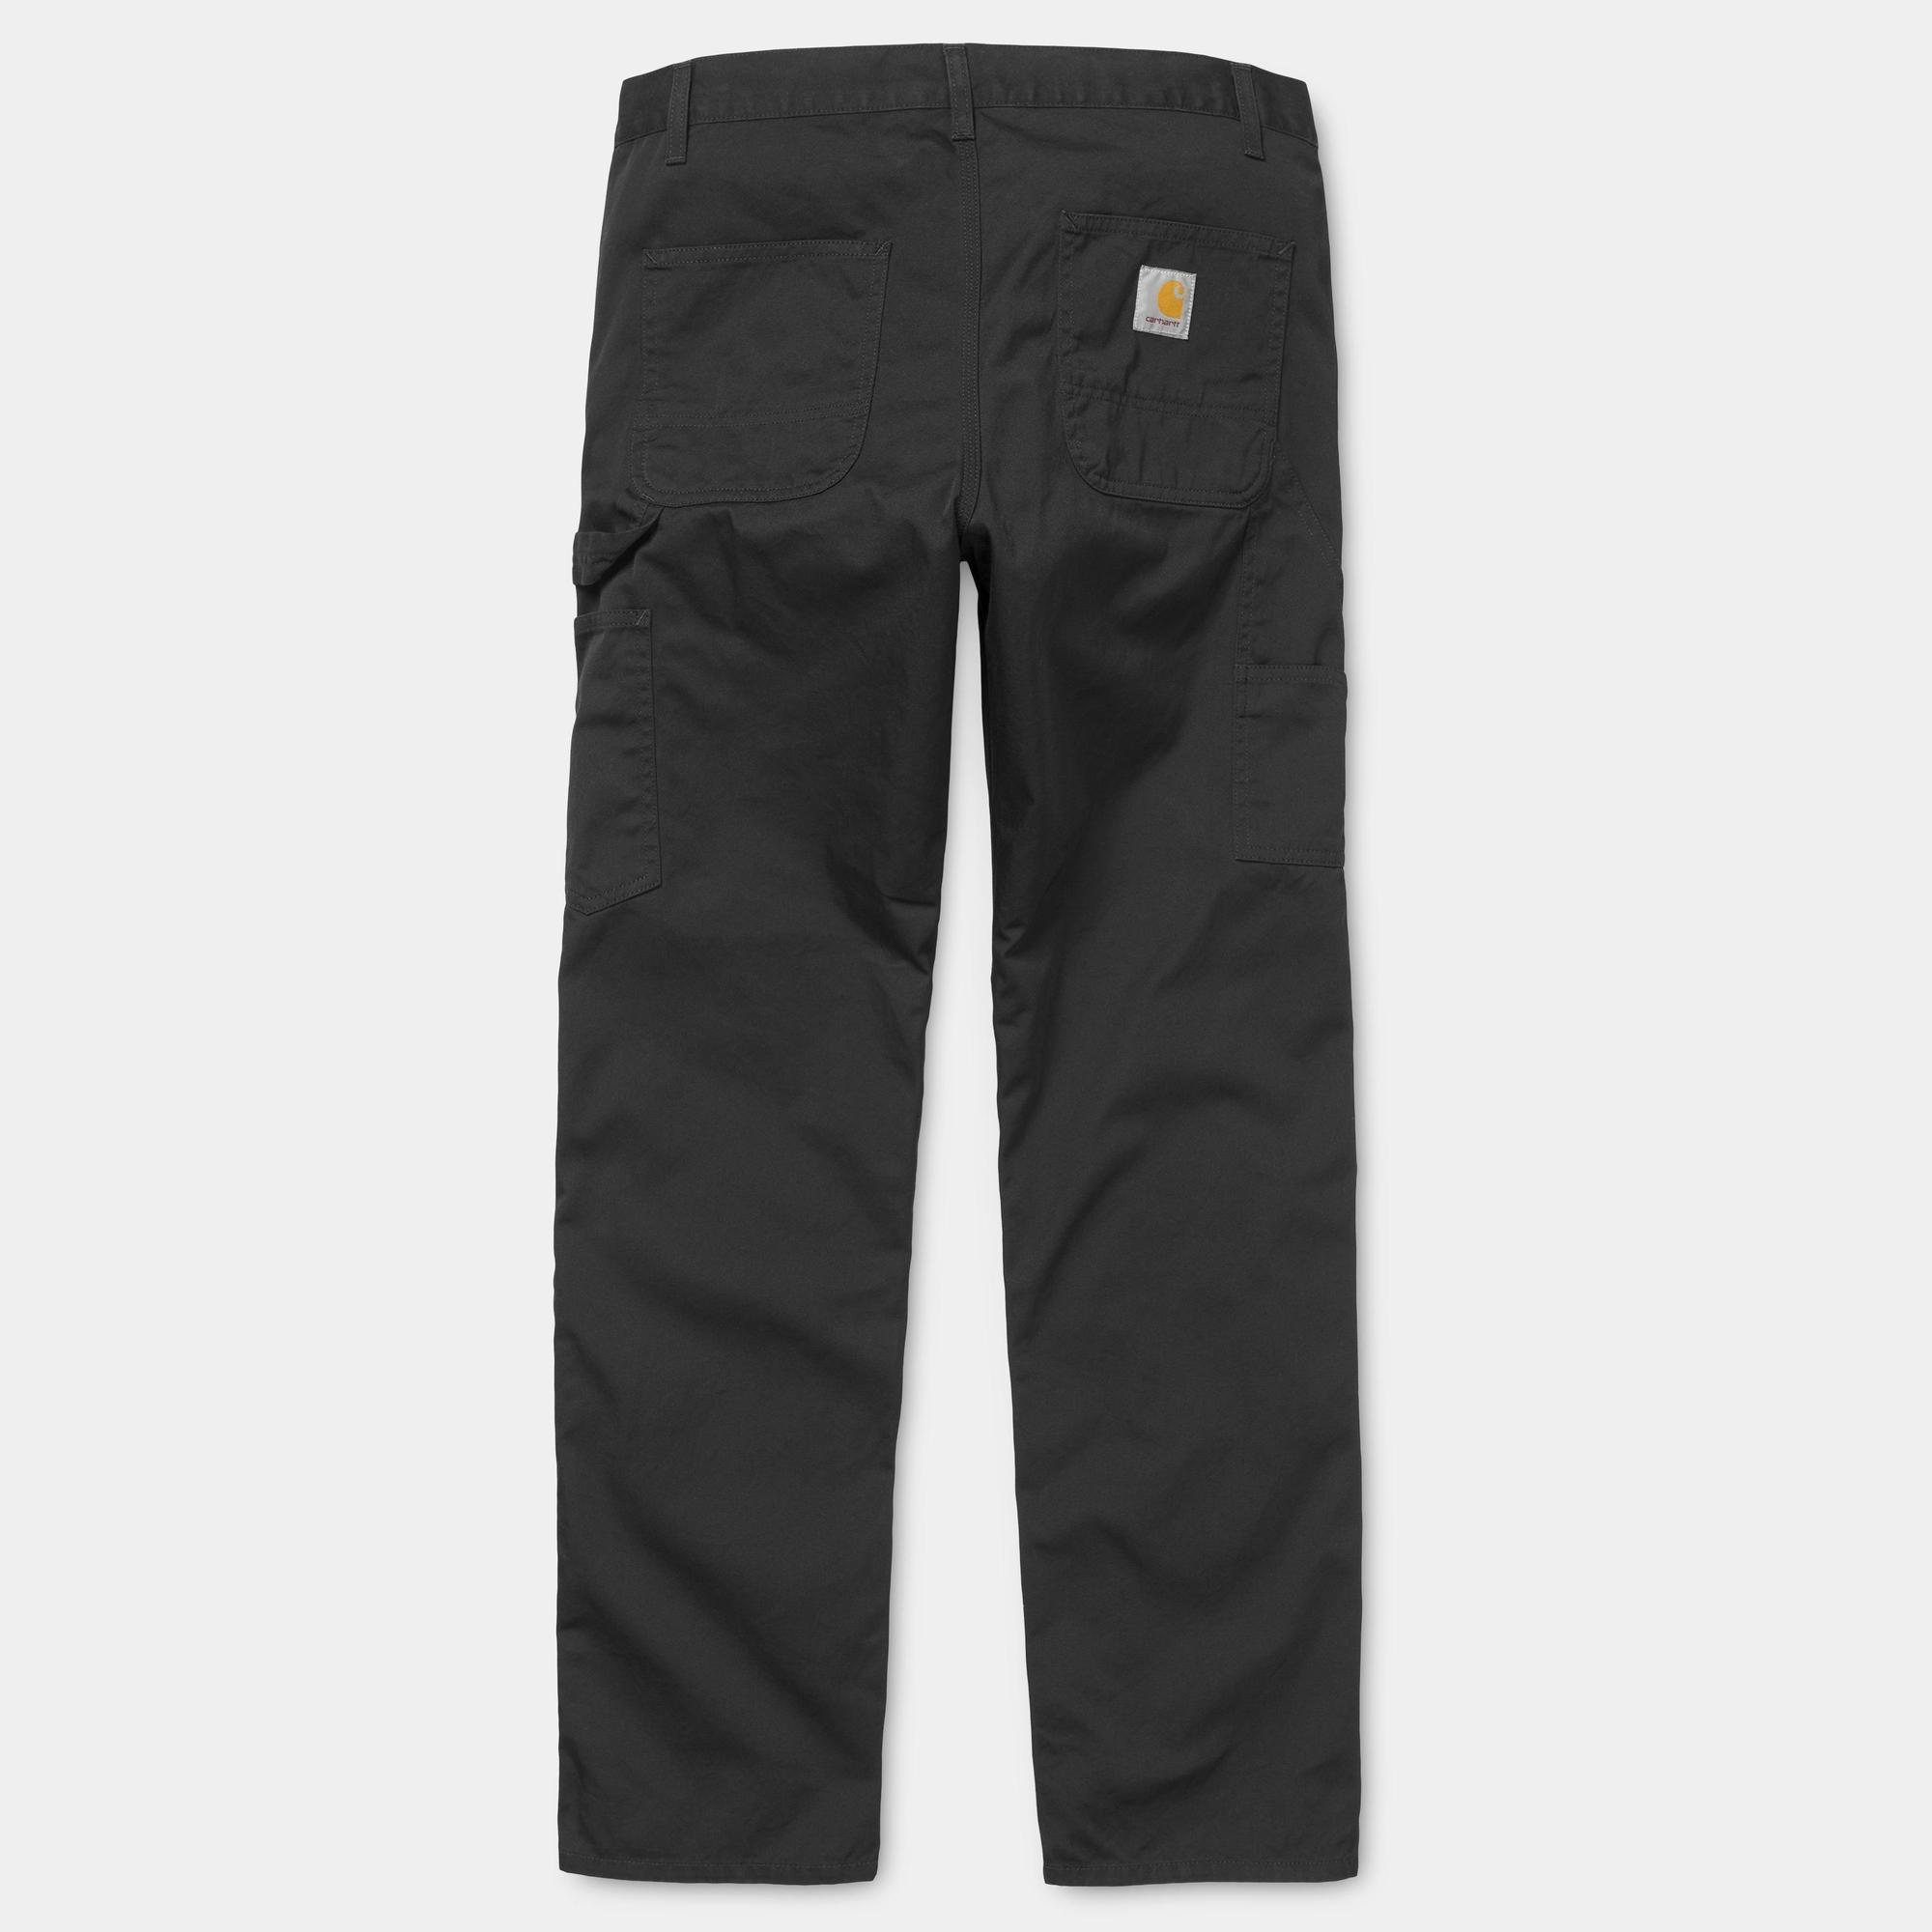 carhartt-ruck-single-knee-pants-black-2.jpg